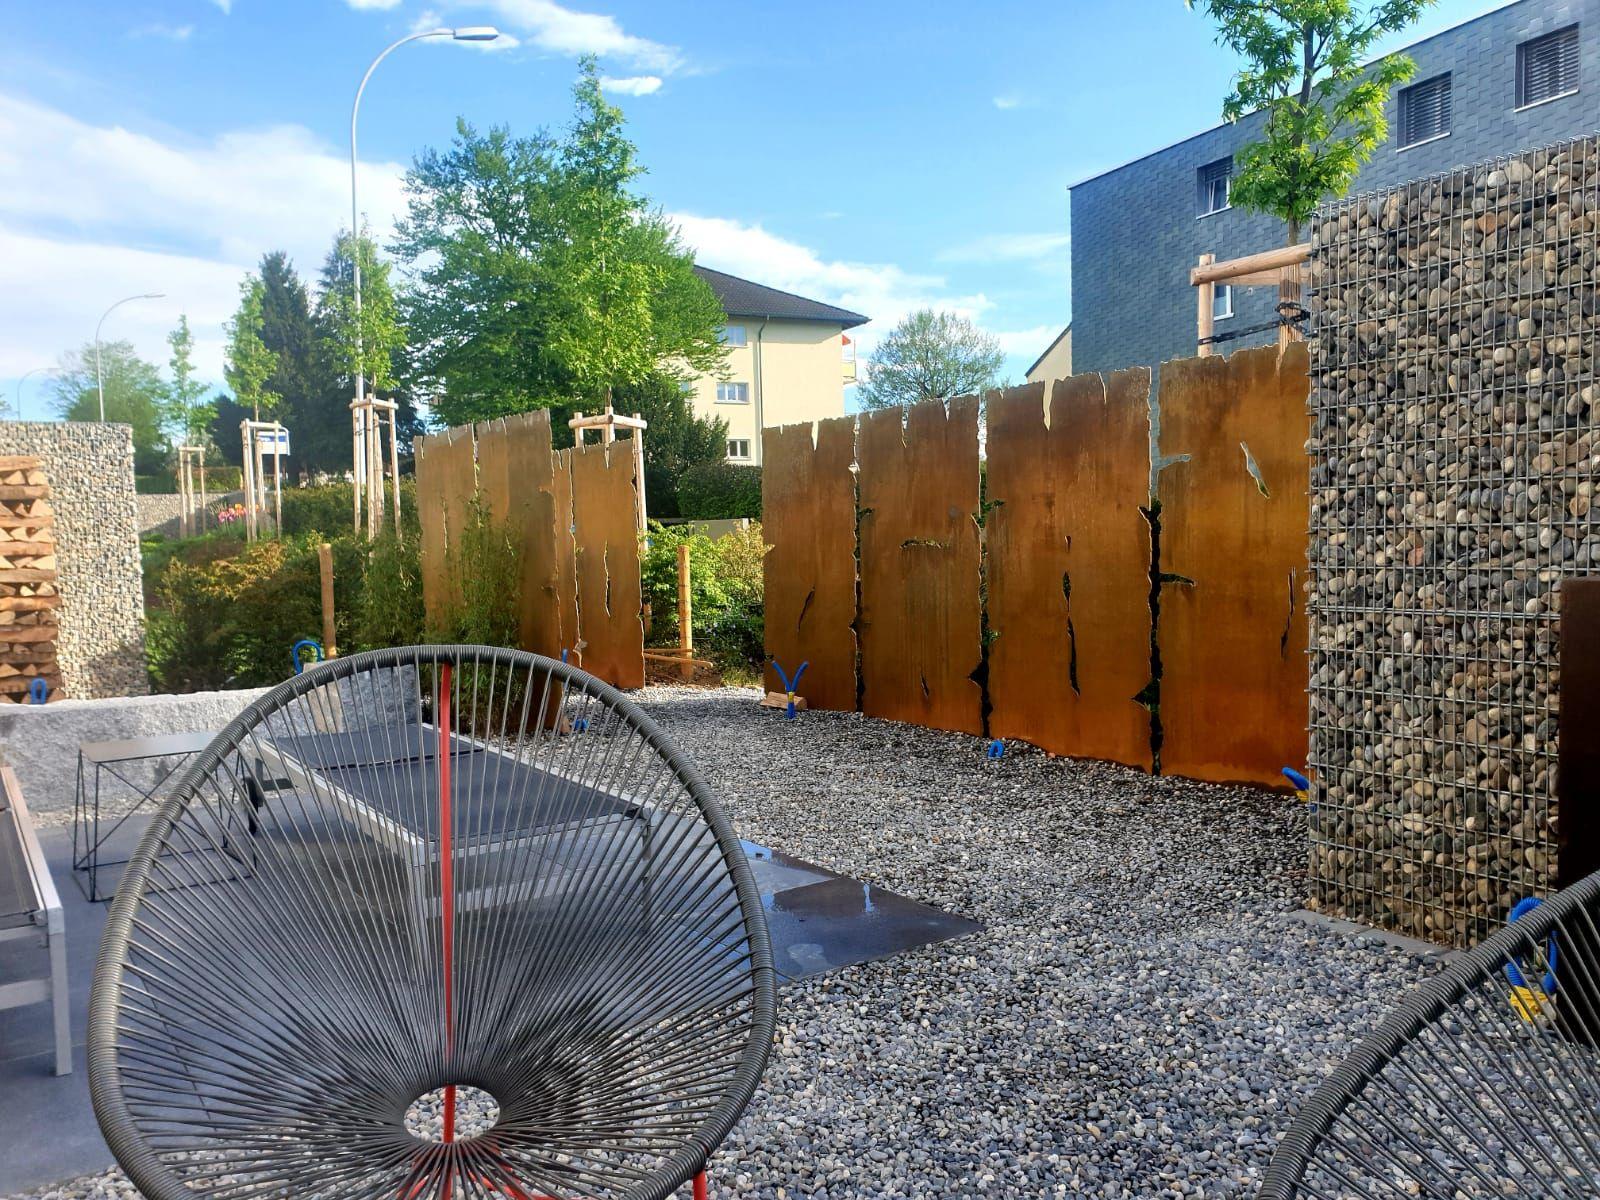 Sichtschutz Cortenstahl In 2020 Sichtschutzwand Garten Sichtschutz Garten Vorgarten